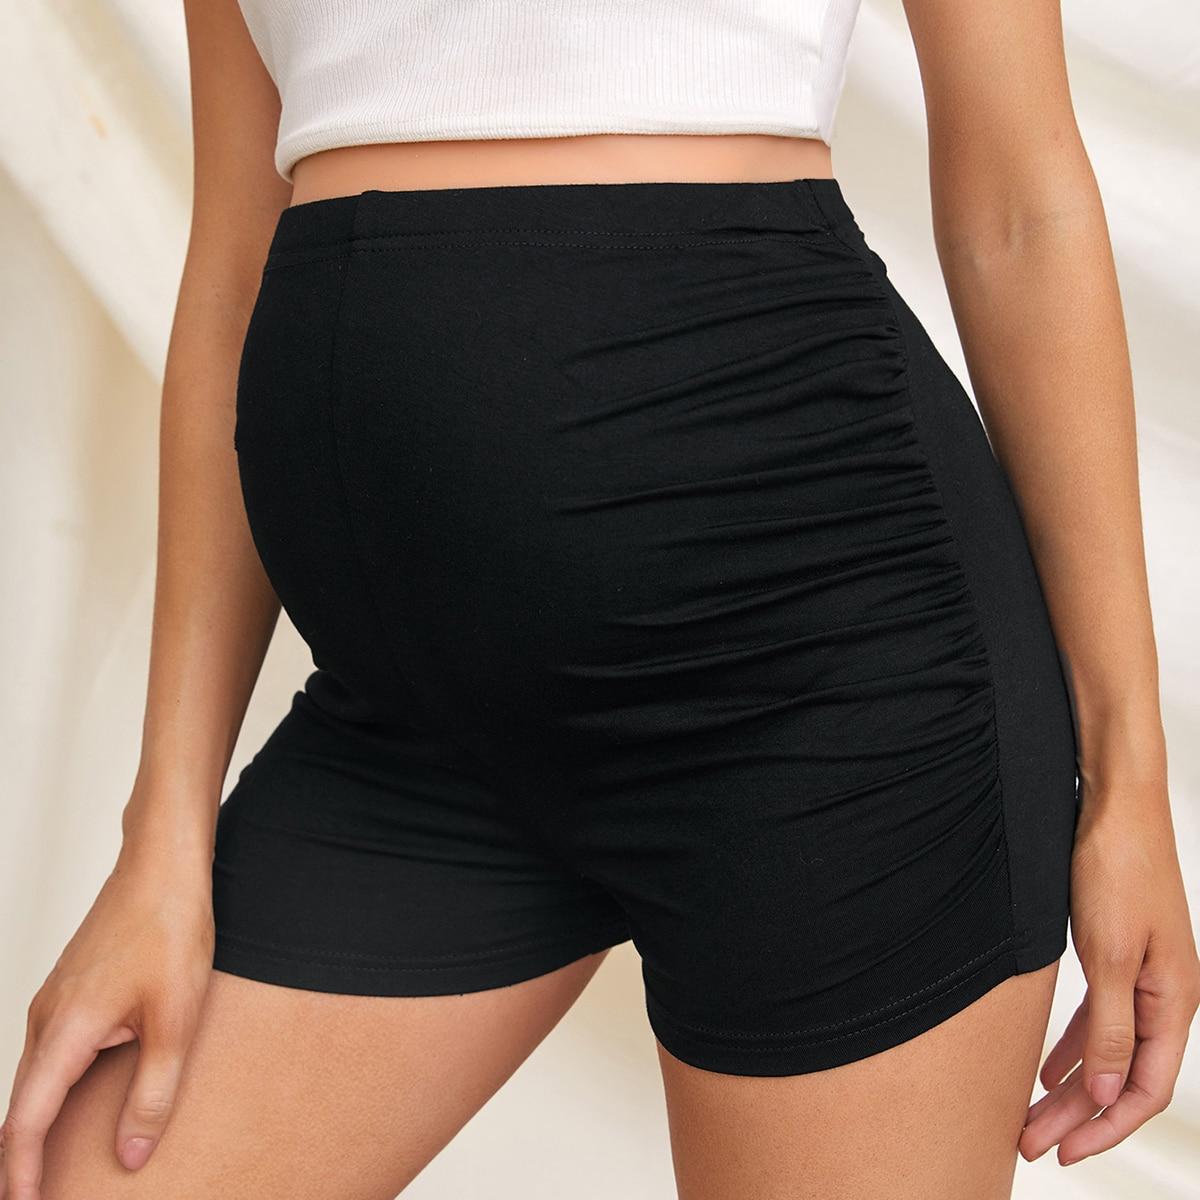 Байкерские шорты для беременных со складками